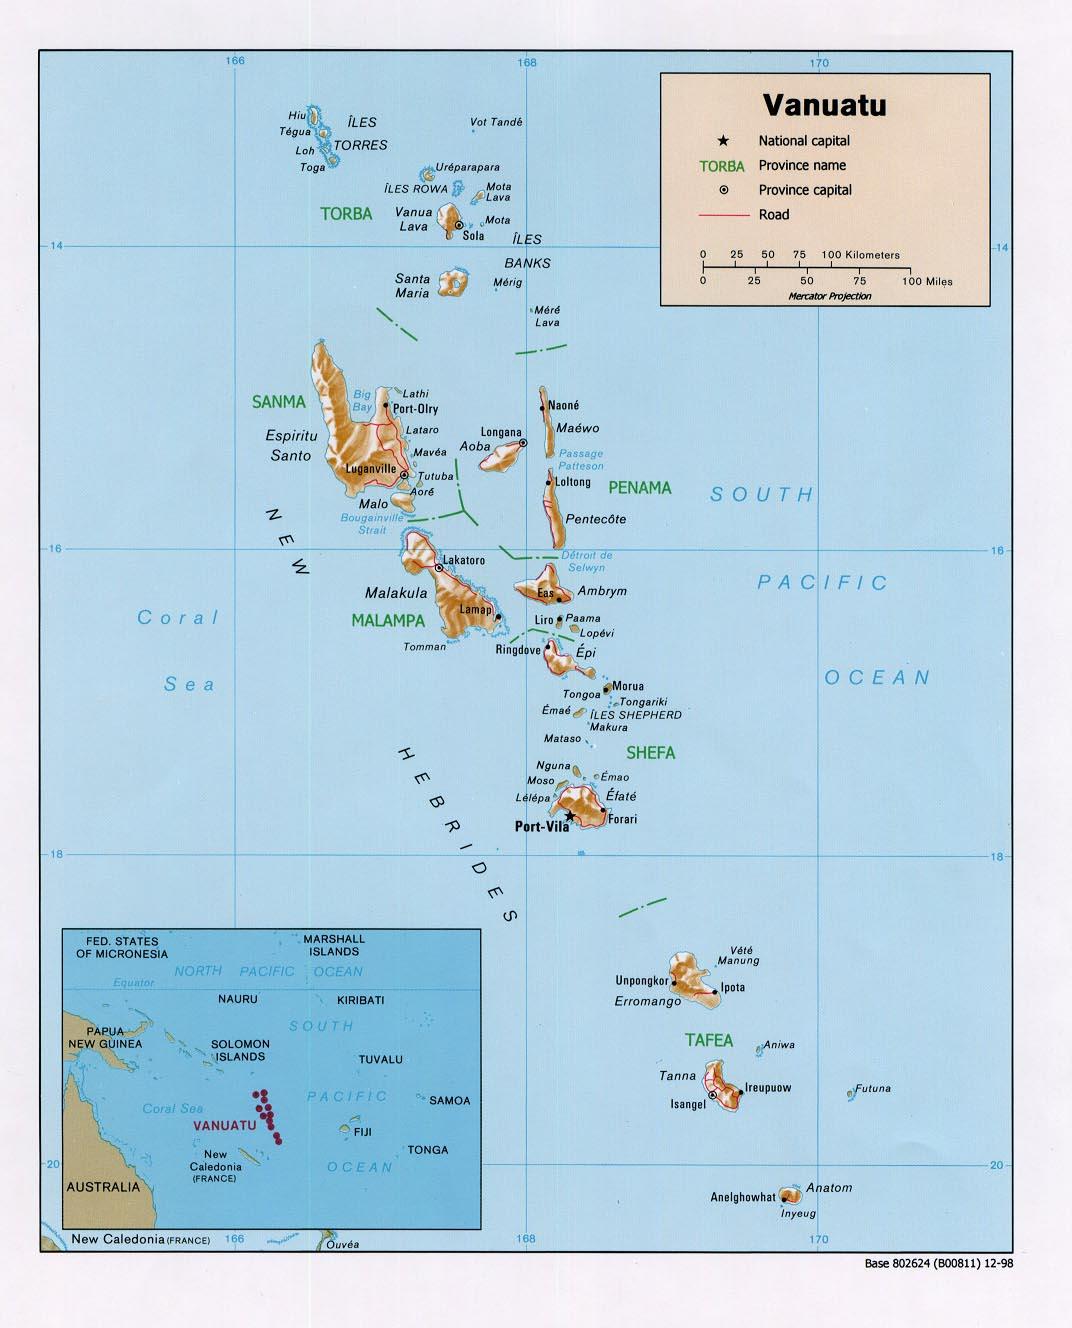 Vanuatu - relief